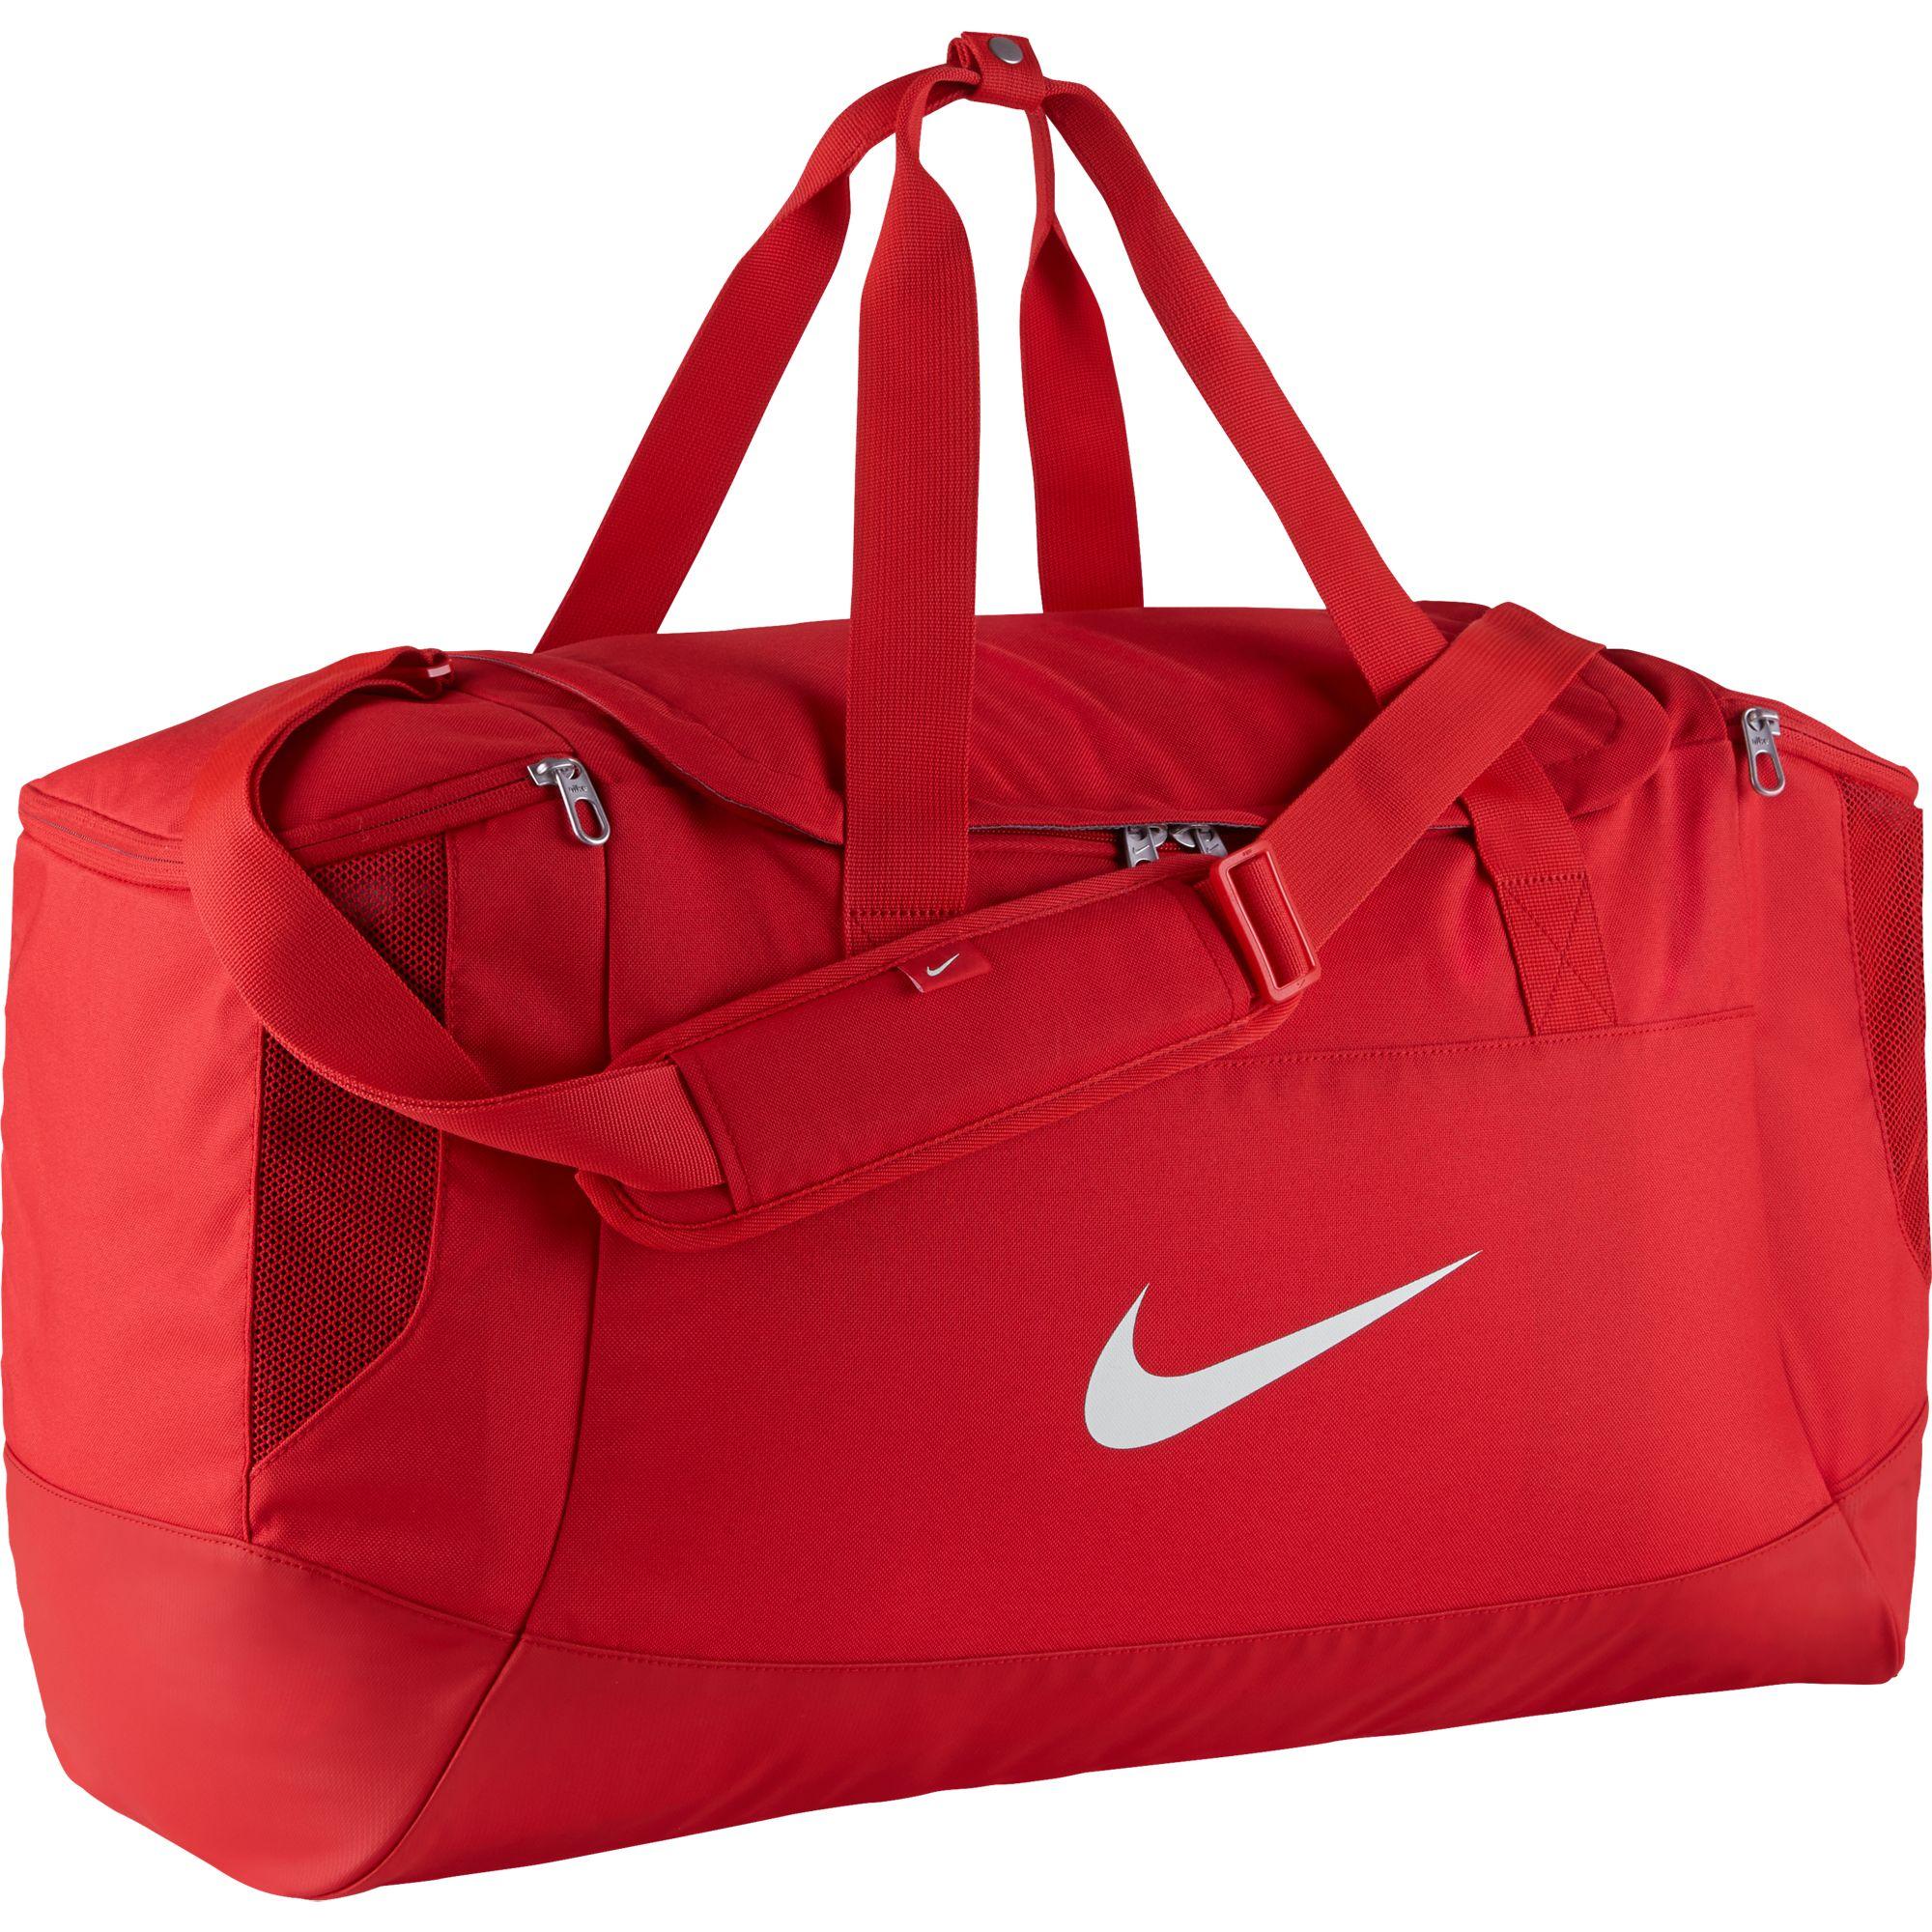 9cf7270ee3 Pánska športová taška Nike MEN S NIKE CLUB TEAM (LARGE) DUFFEL BAG červená